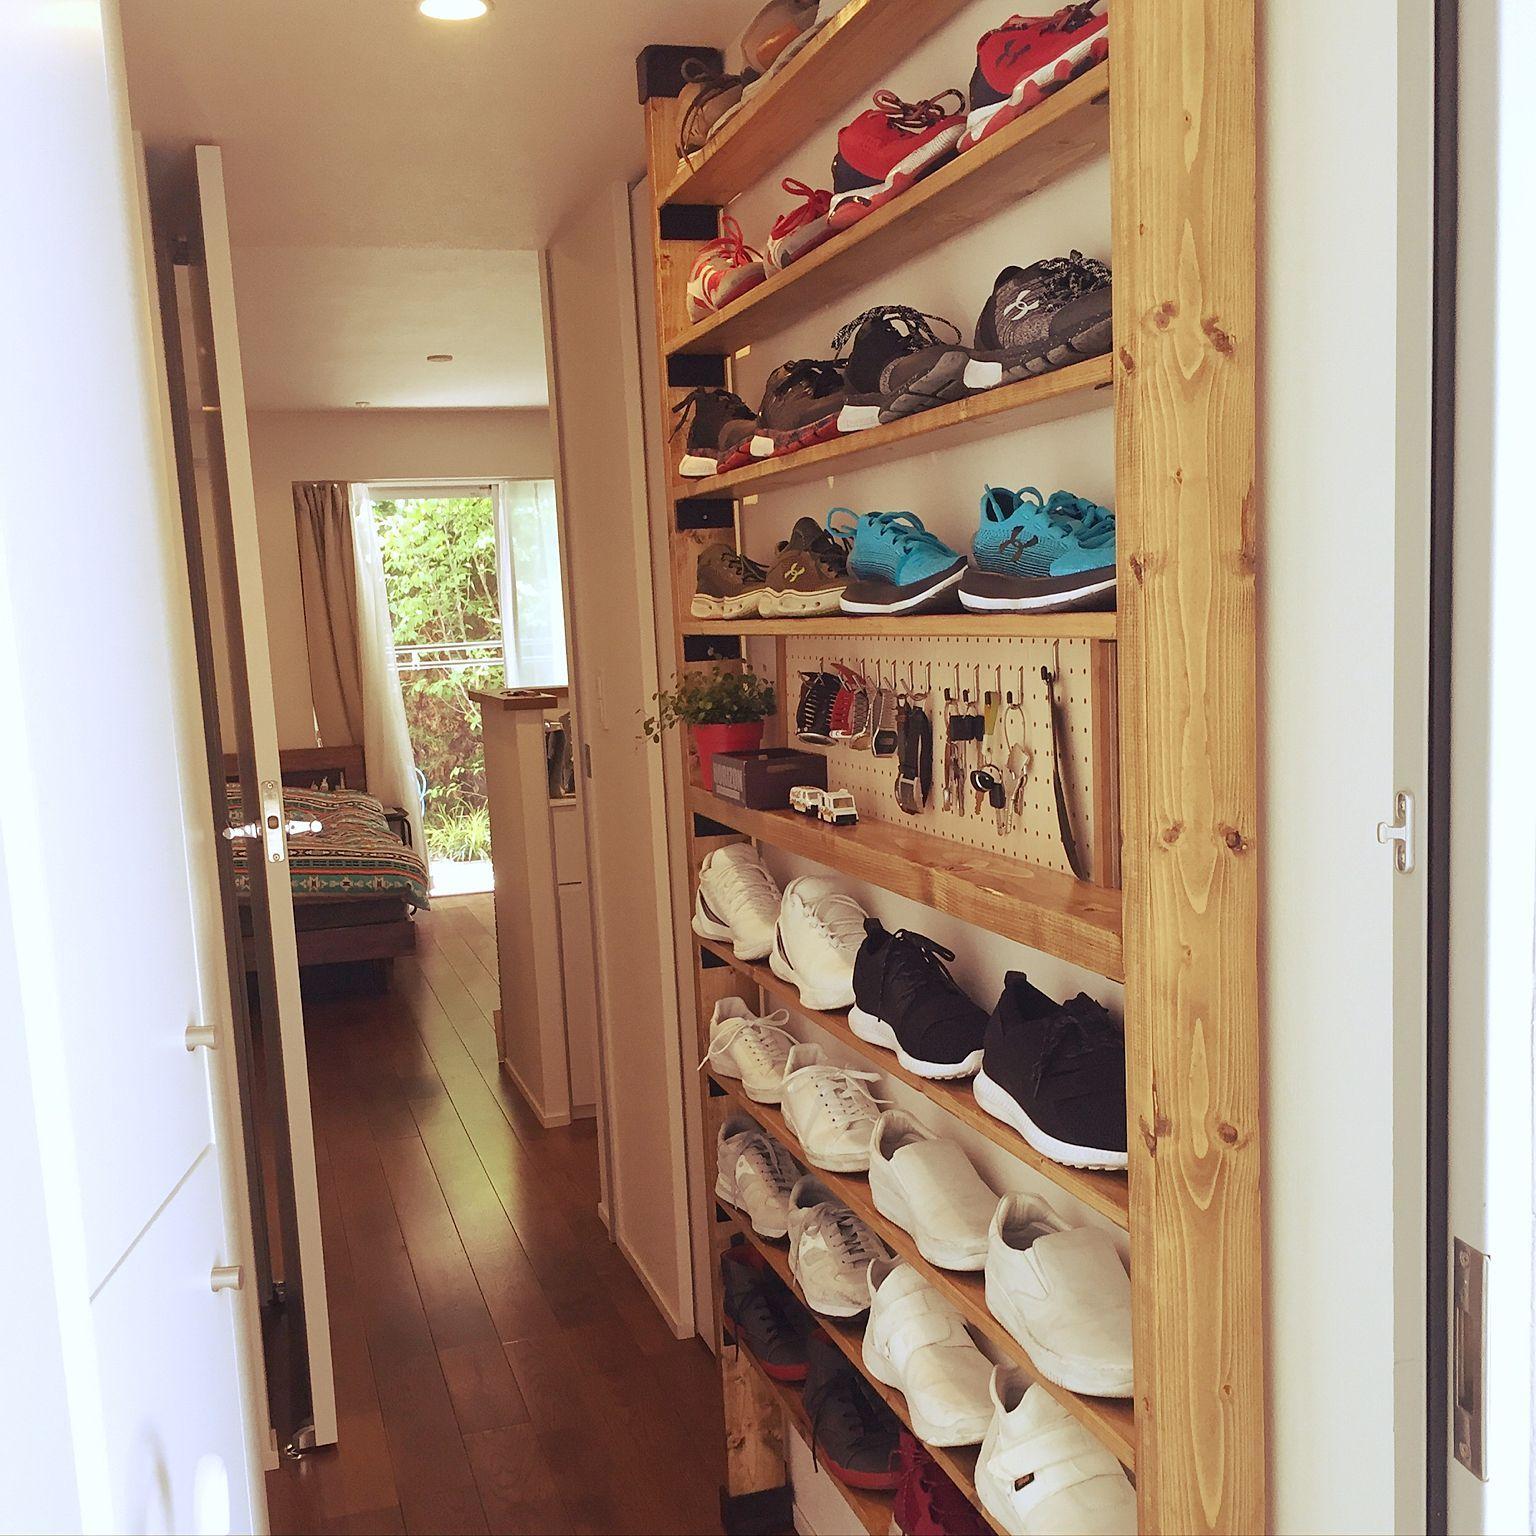 ab9176f35f Entrance/靴/ワンルーム/DIY/靴収納/シューズラック...などのインテリア実例 - 2017-06-12 08:49:59    RoomClip (ルームクリップ)